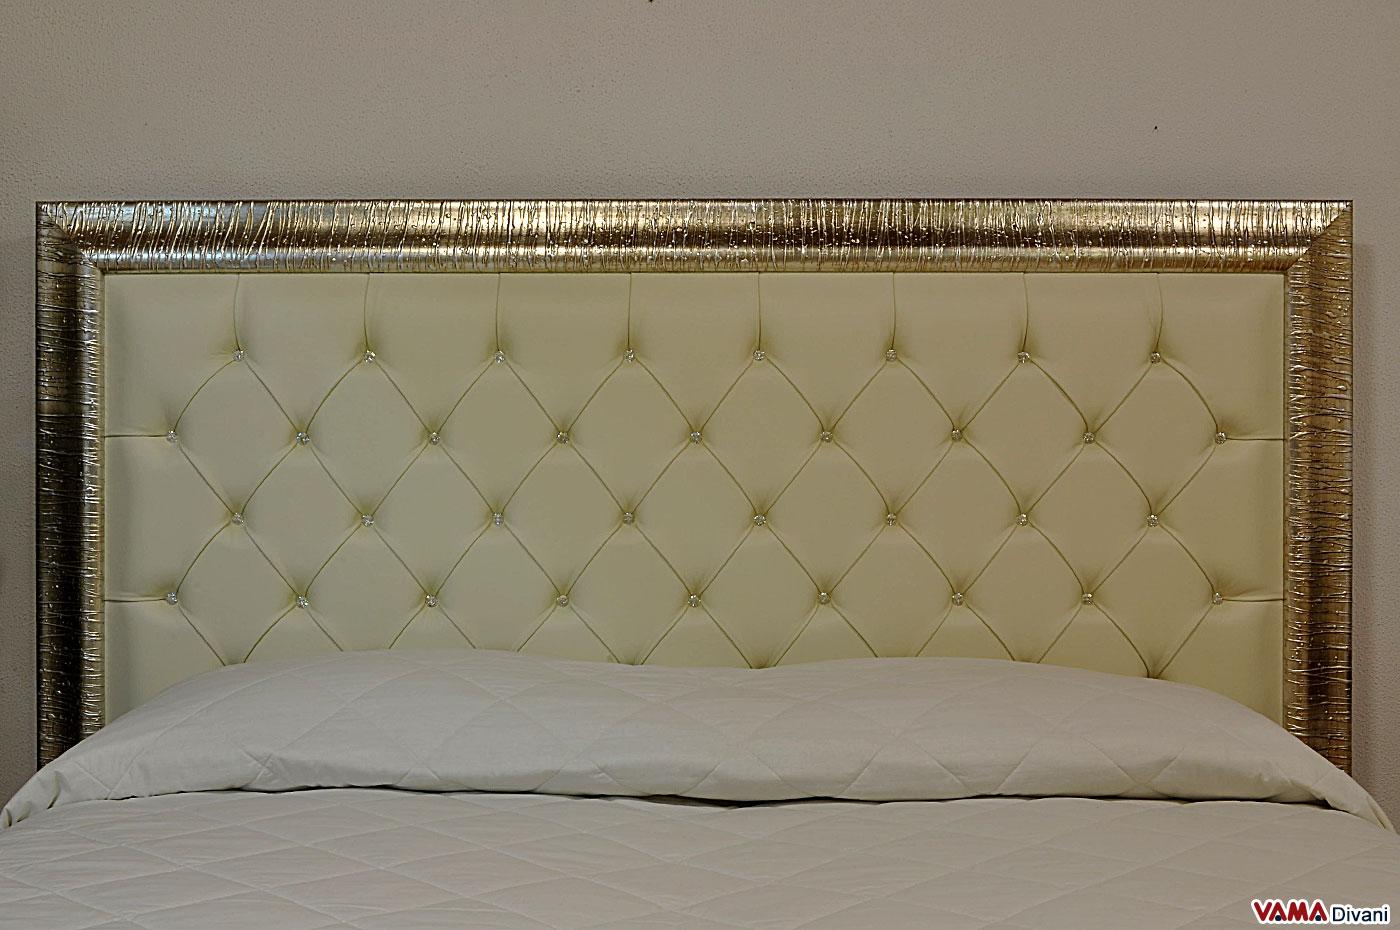 Letto capitonn con testata alta e cornice in legno vama - Spalliere letto in legno ...